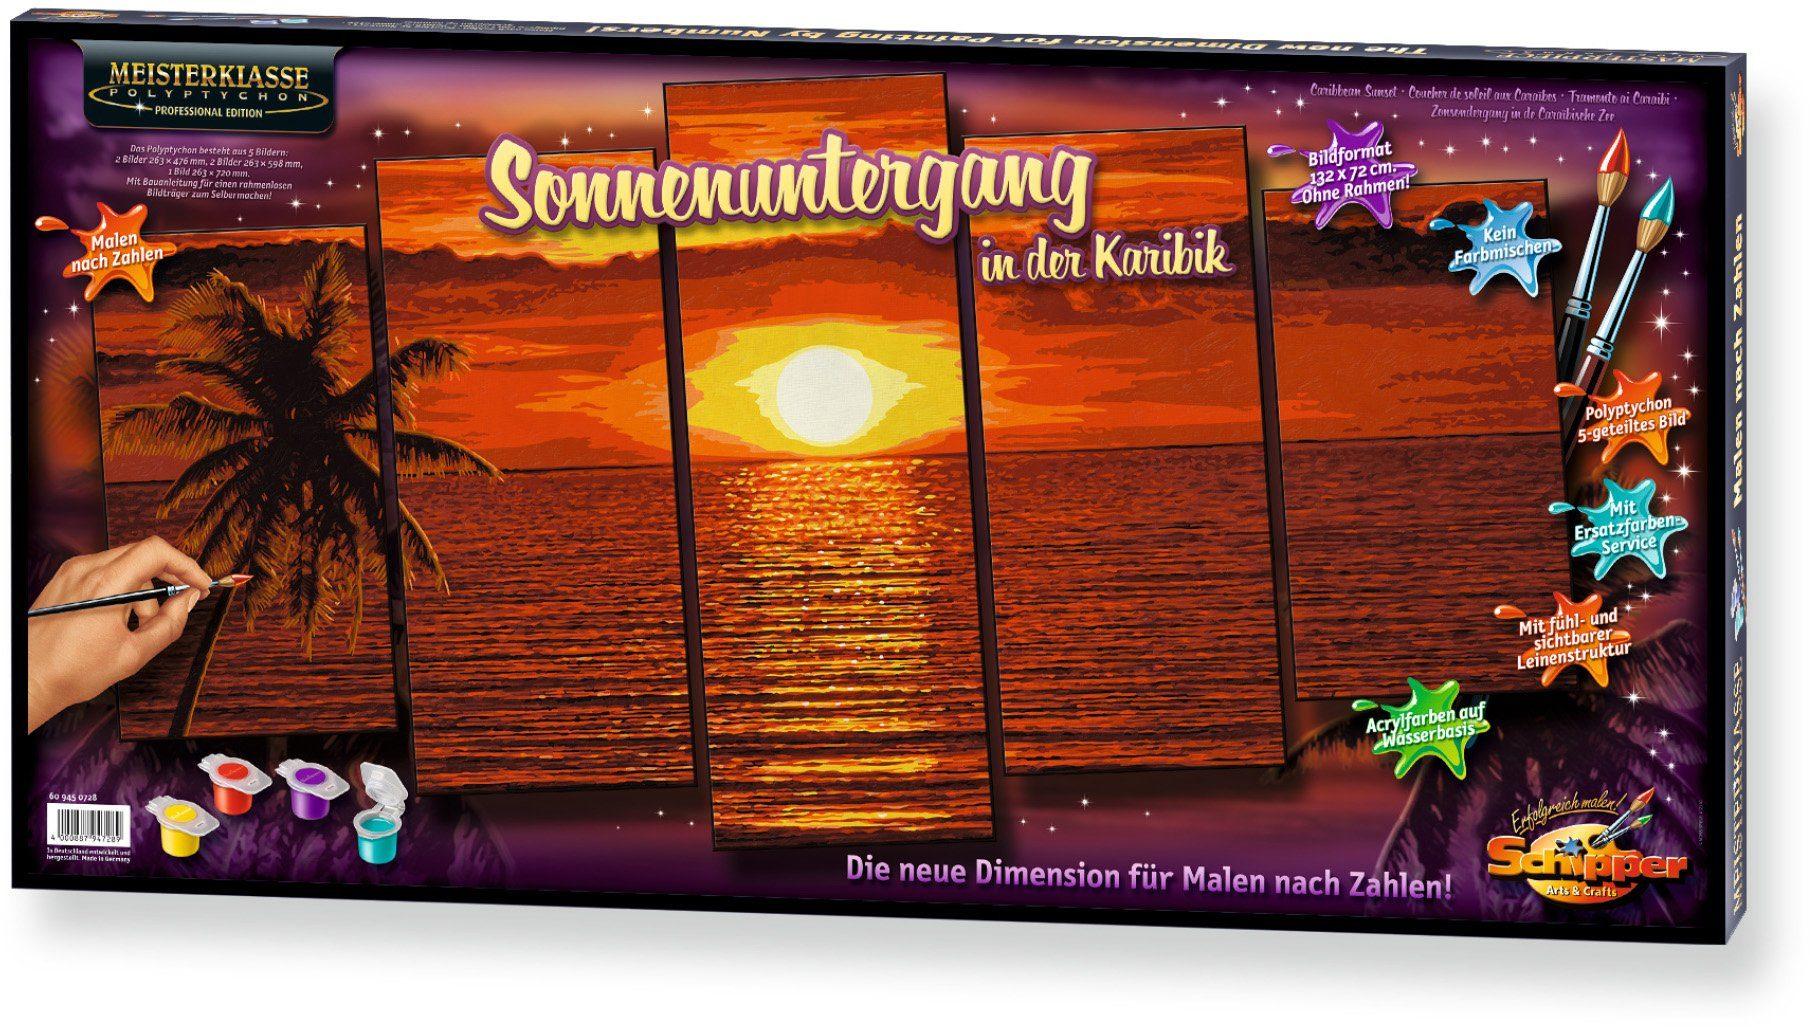 Schipper, Malen nach Zahlen, »Meisterklasse Polyptychon Profi Edition Sonnenuntergang Karibik«